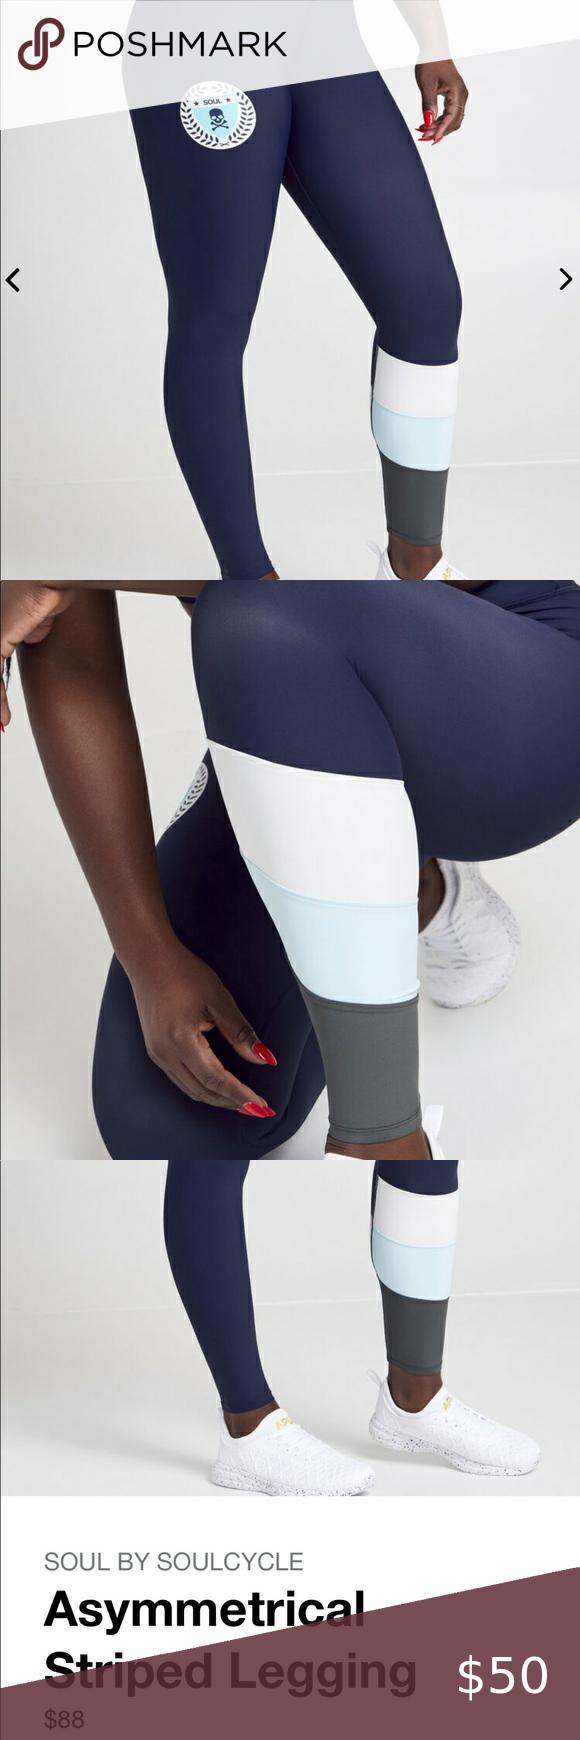 Soul By Soulcycle Asymmetrical Striped Legging Legging Lulu Leggings Tie Dye Yoga Leggings